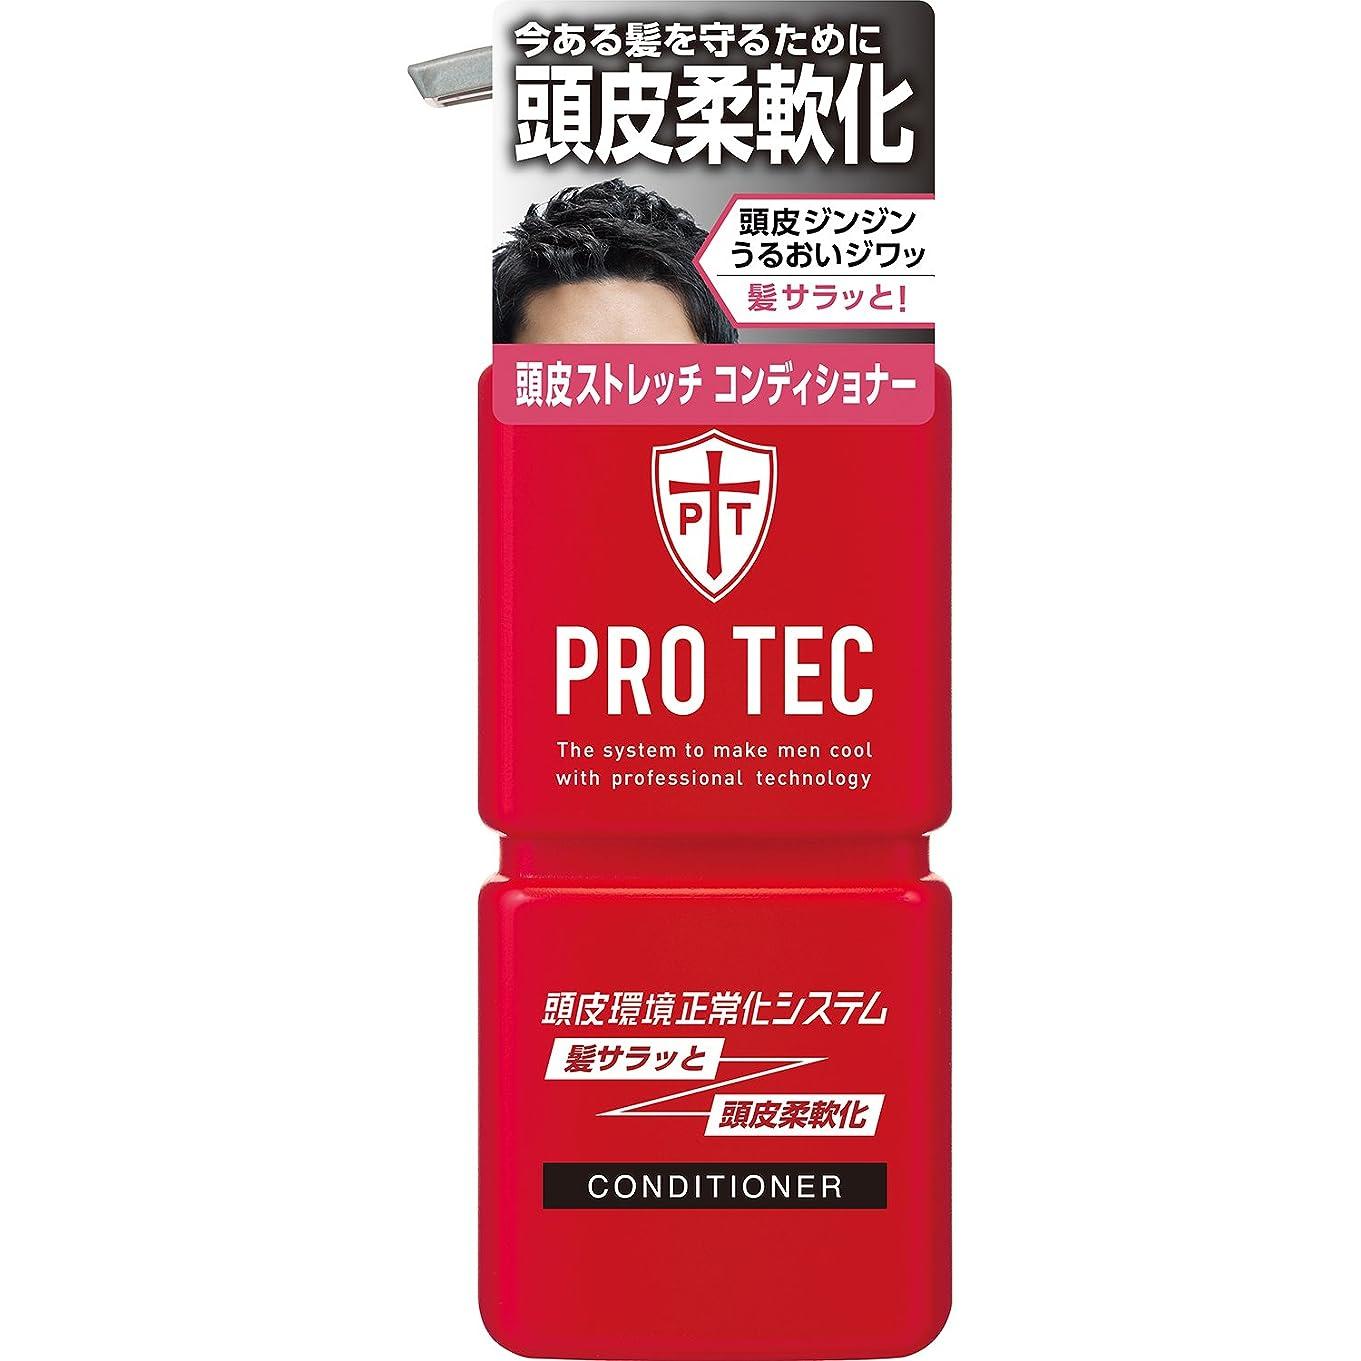 塗抹貧しい認知PRO TEC(プロテク) 頭皮ストレッチ コンディショナー 本体ポンプ 300g